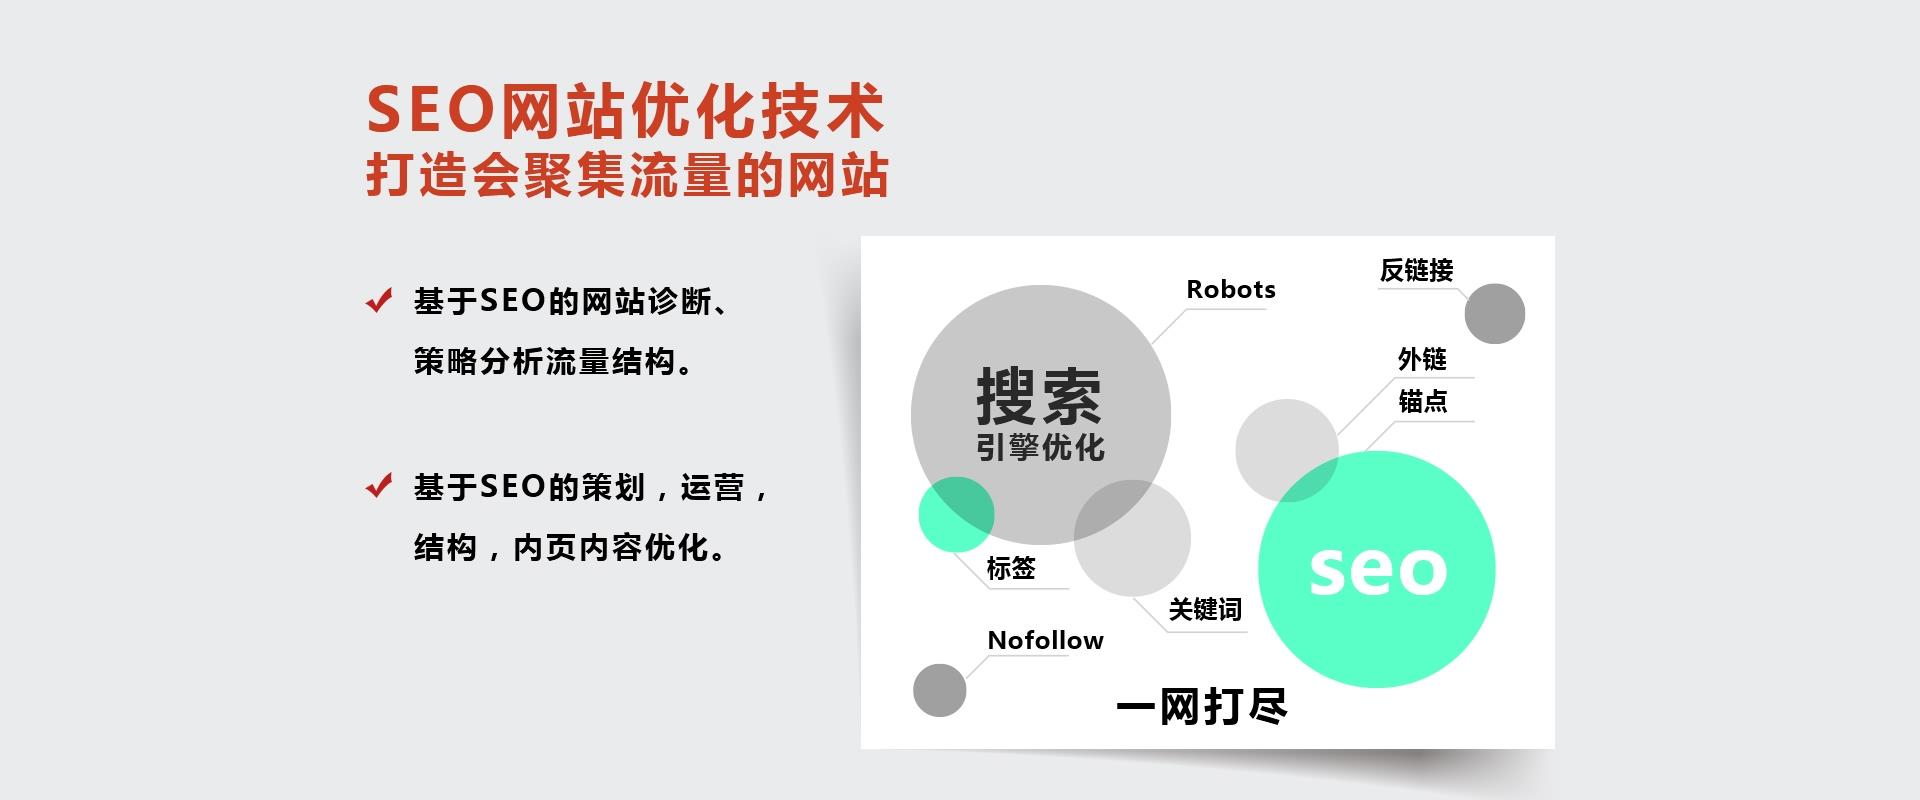 苏州网站建设哪个公司好